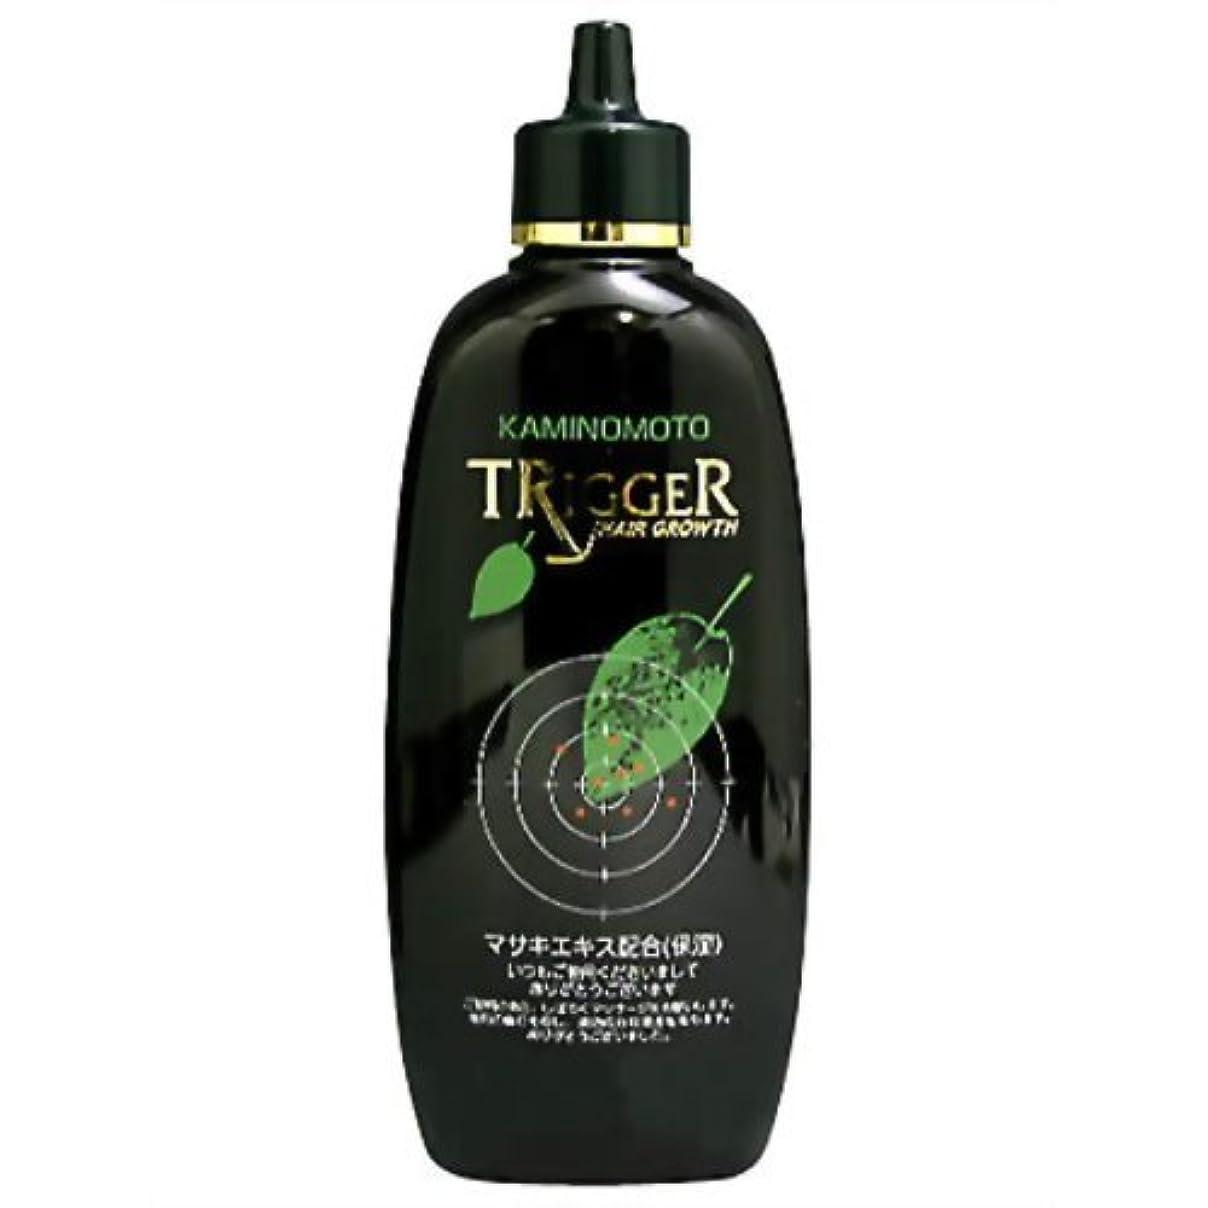 成り立つクマノミ振る舞い薬用発毛促進剤 トゥリガー